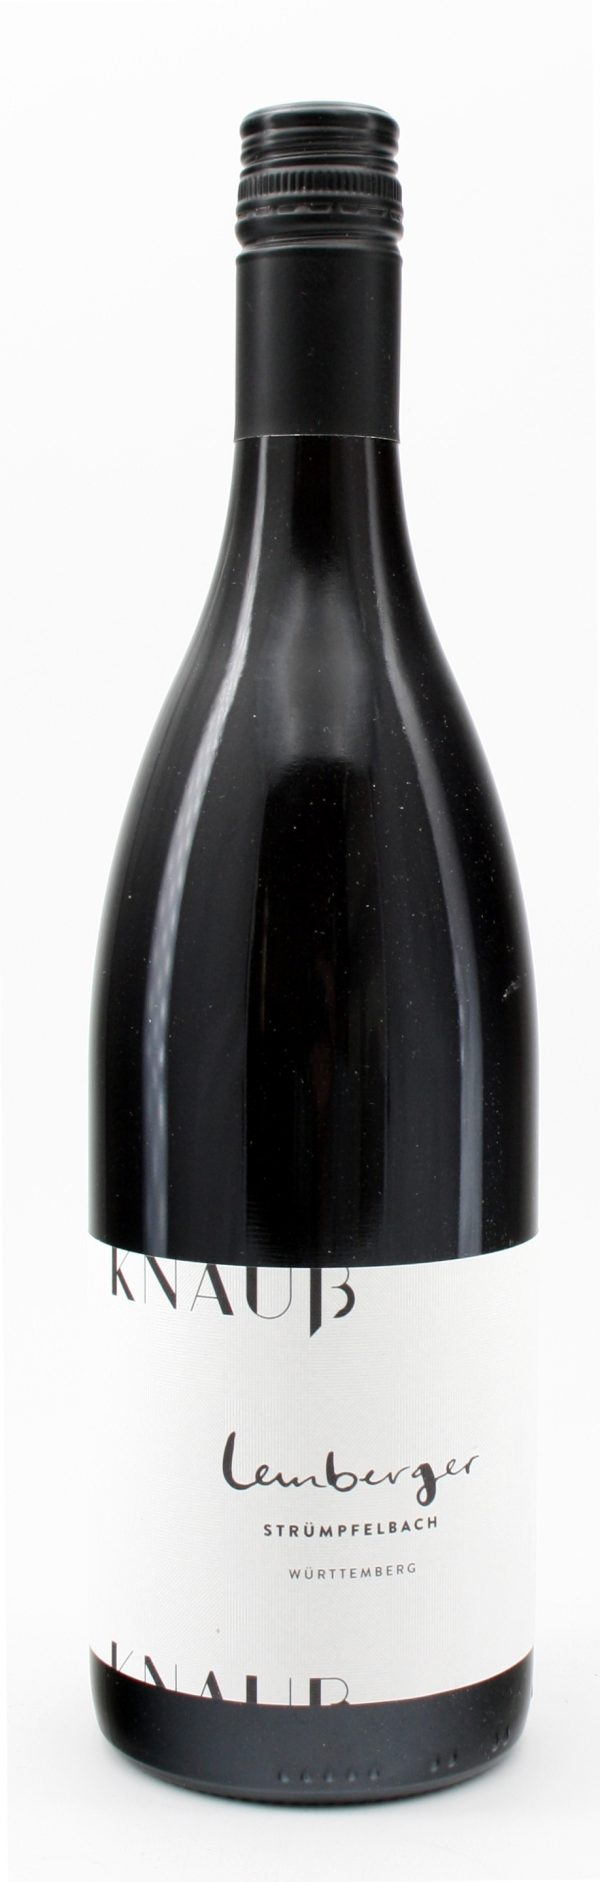 Strümpfelbach Lemberger Qualitätswein trocken  2016